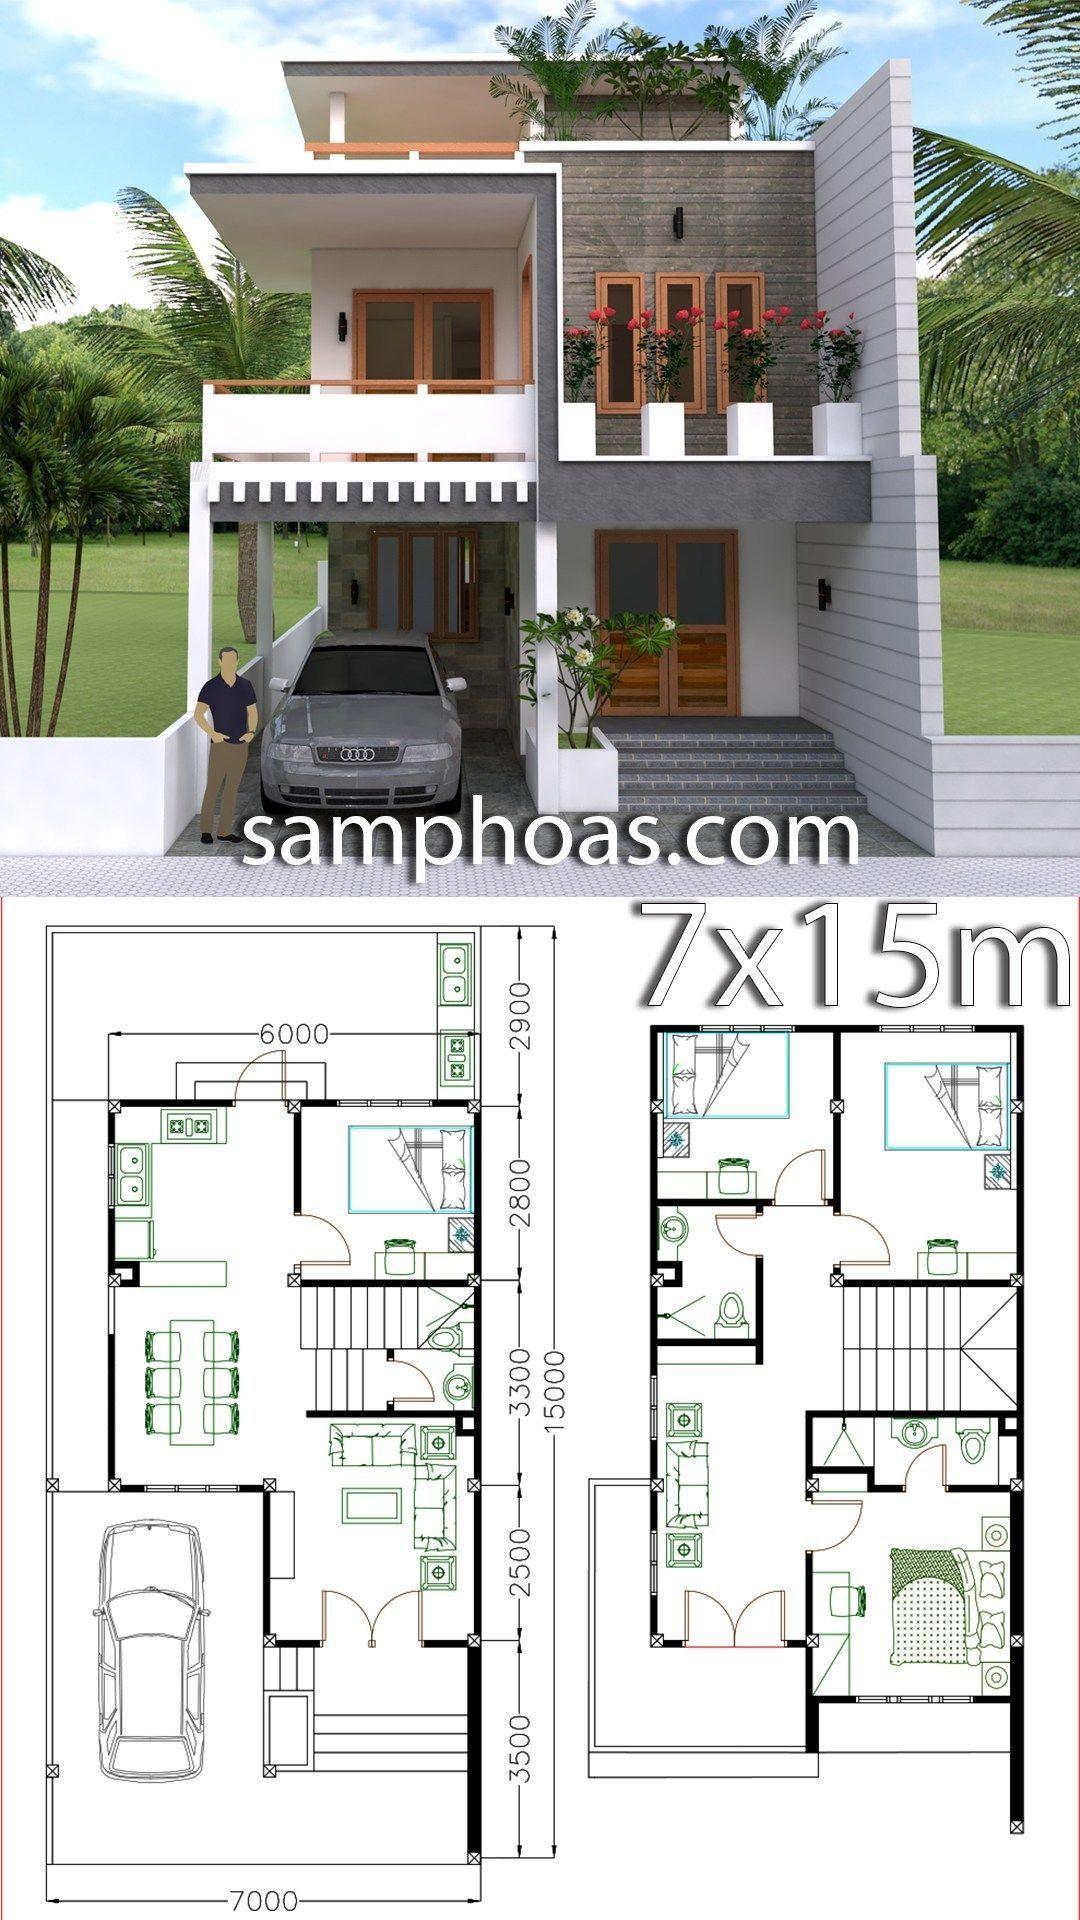 10 Plantas De Casas Terreas Com 3 Quartos E Imagens De Fachadas Projetos Modernos E Aconchegantes House Designs Exterior Duplex House Design Duplex House Plans